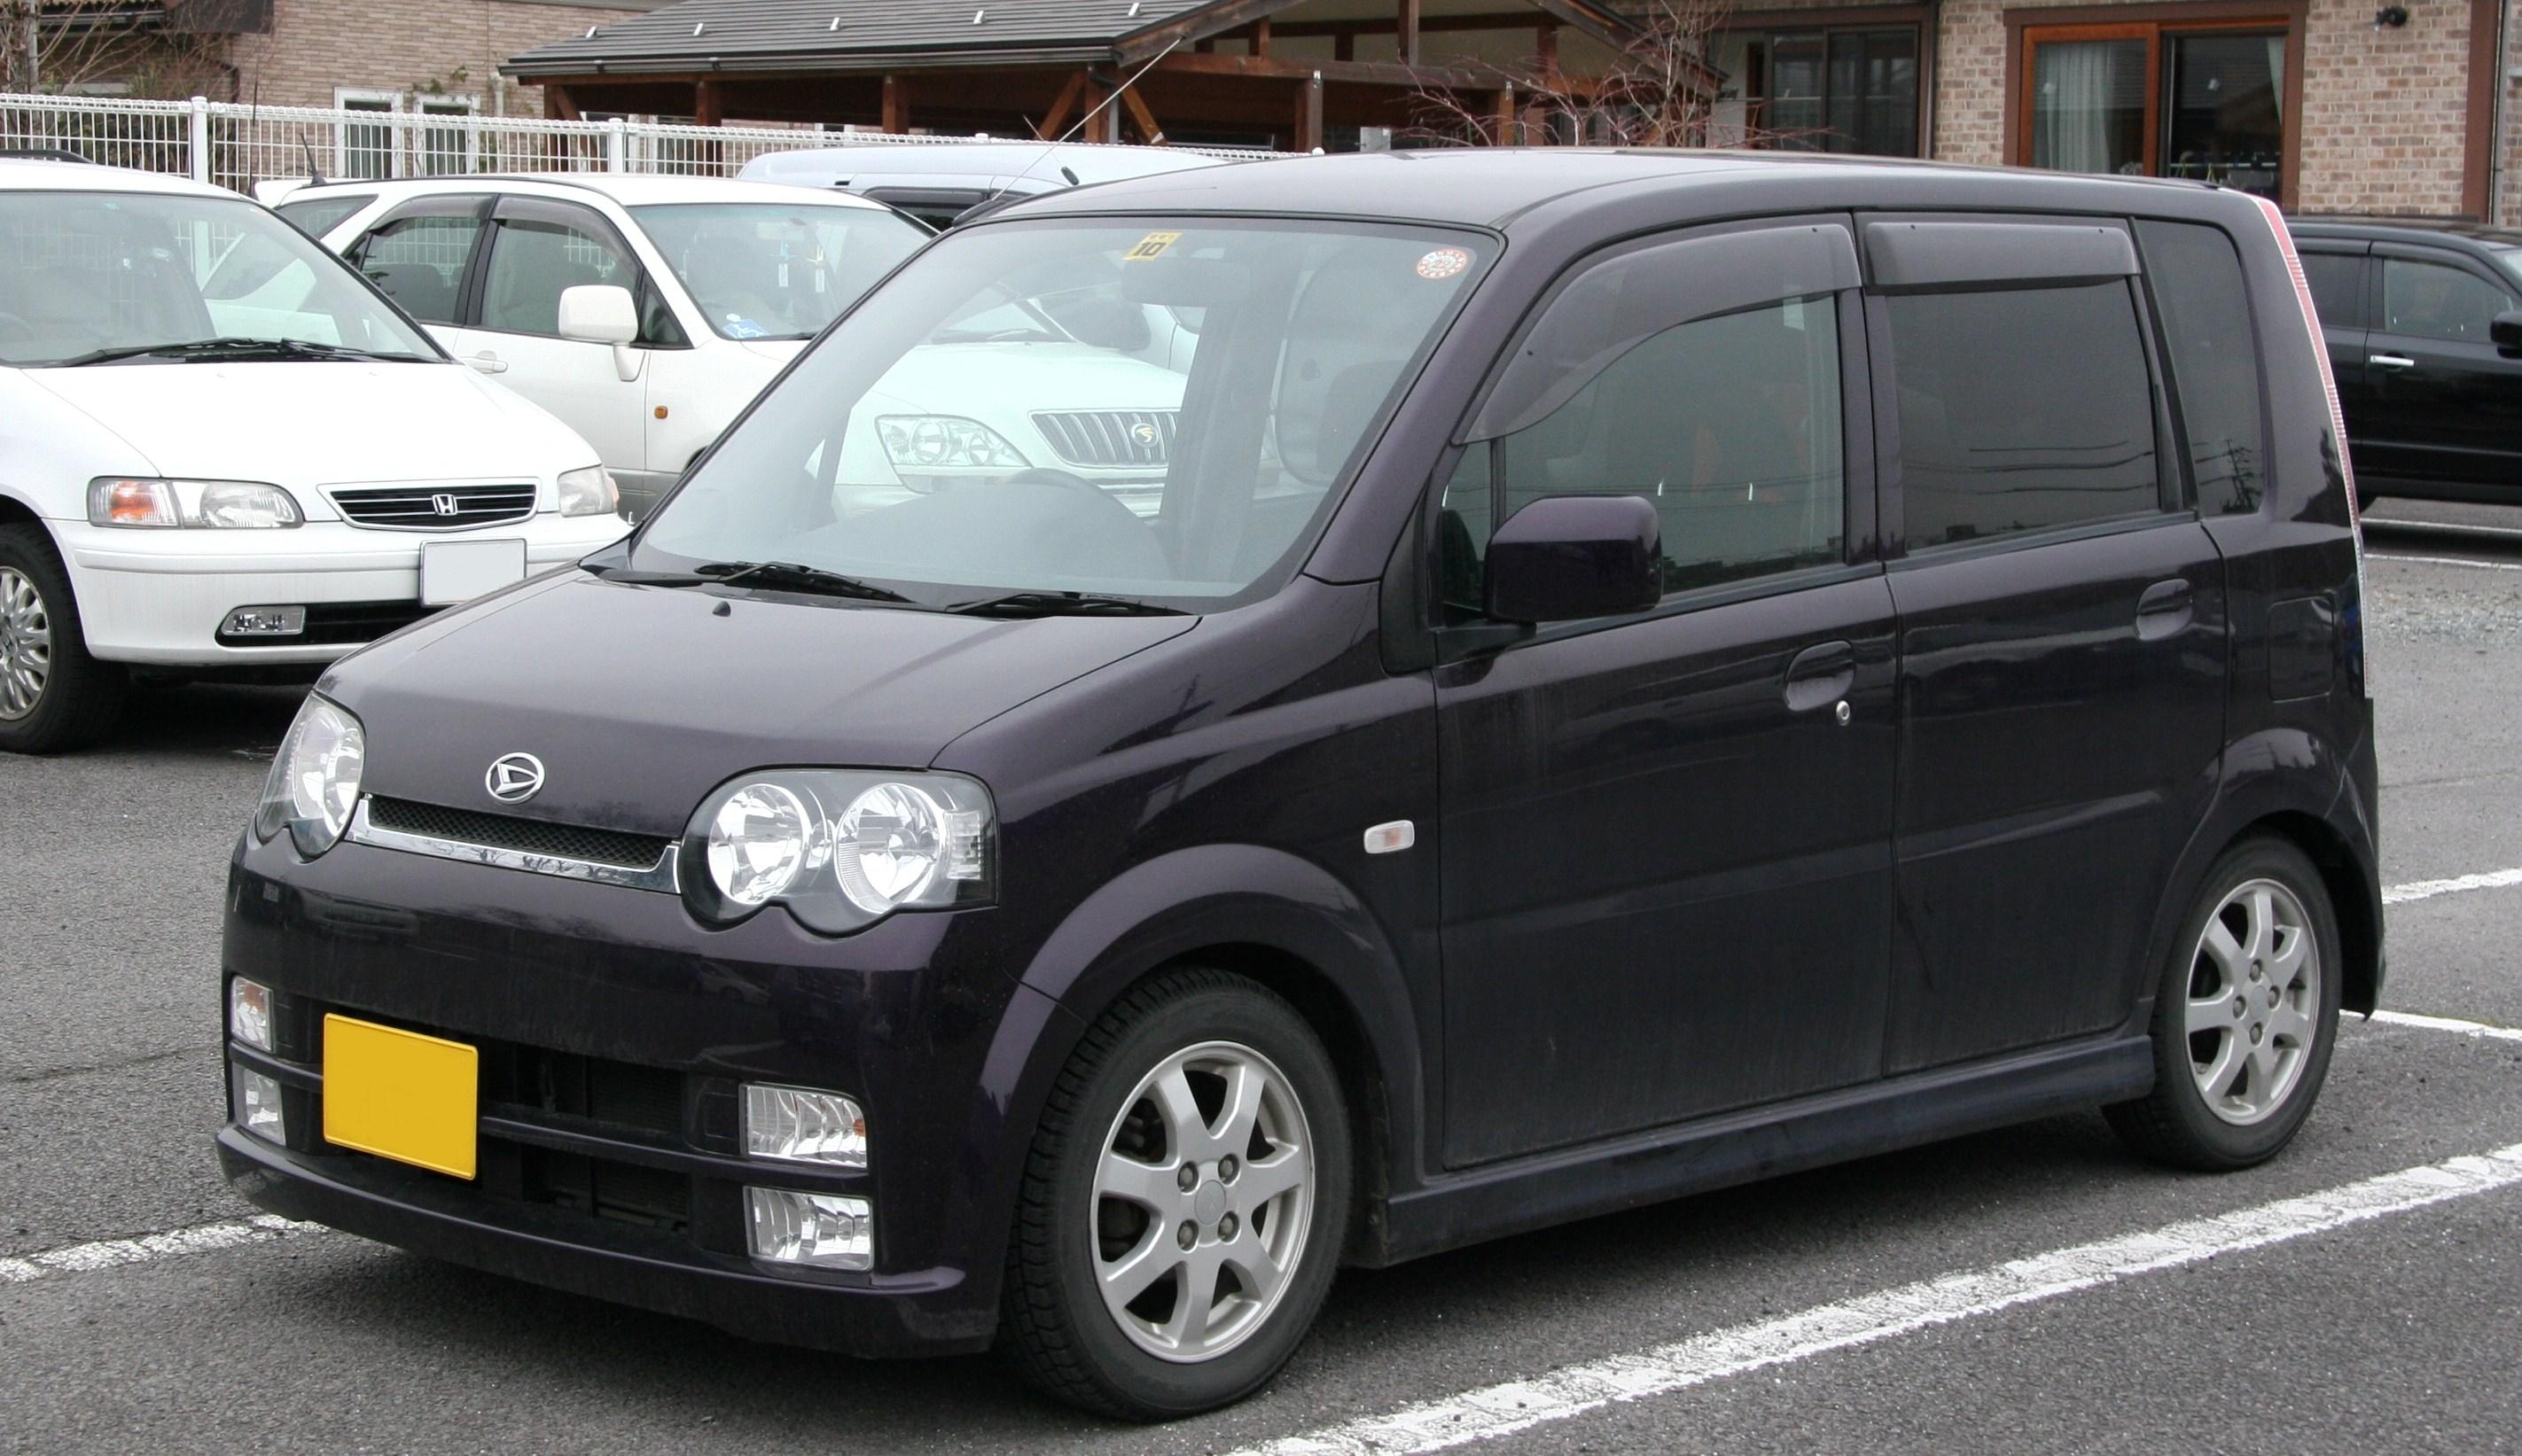 Daihatsu Move Latte 2004 - 2009 Microvan #2